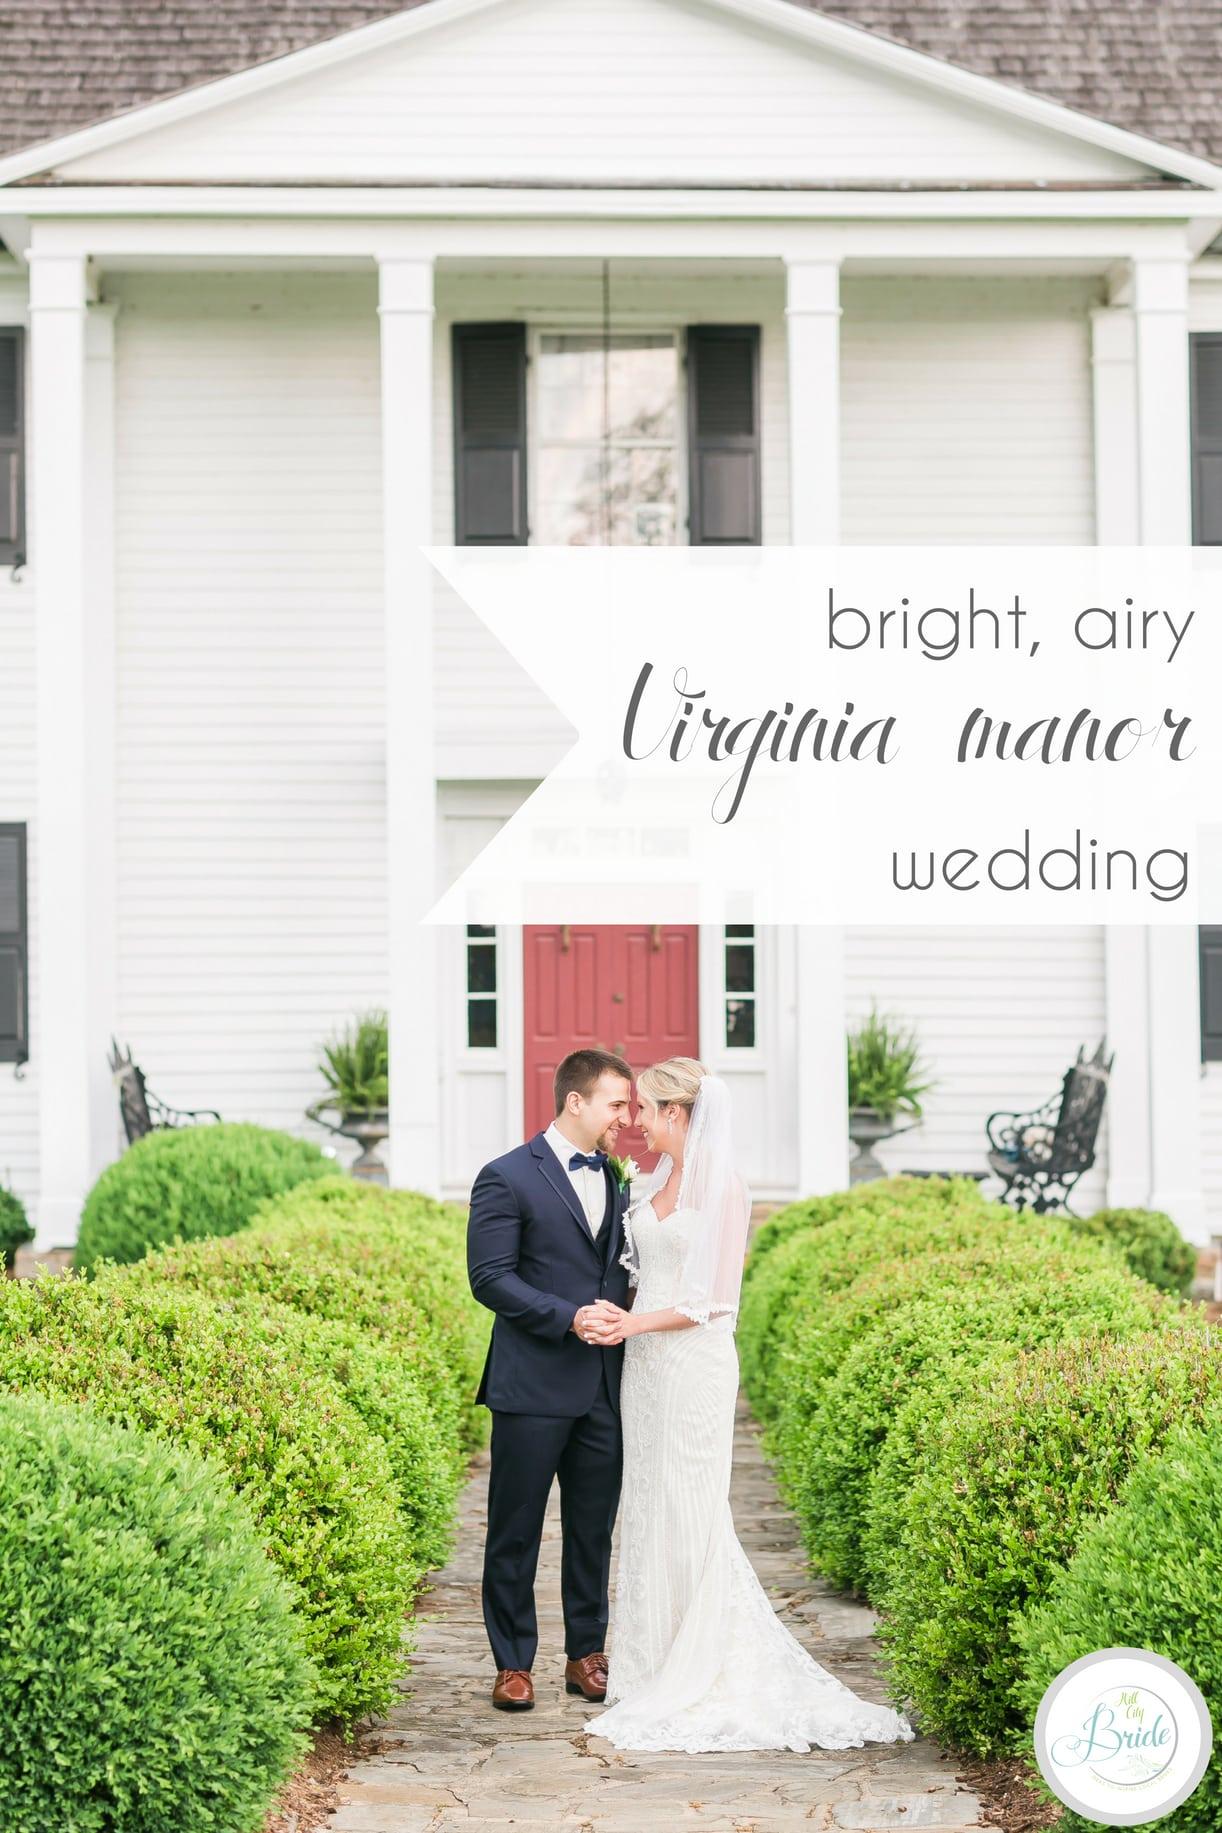 Bright & Airy Virginia Manor Wedding | Hill City Bride Wedding Blog